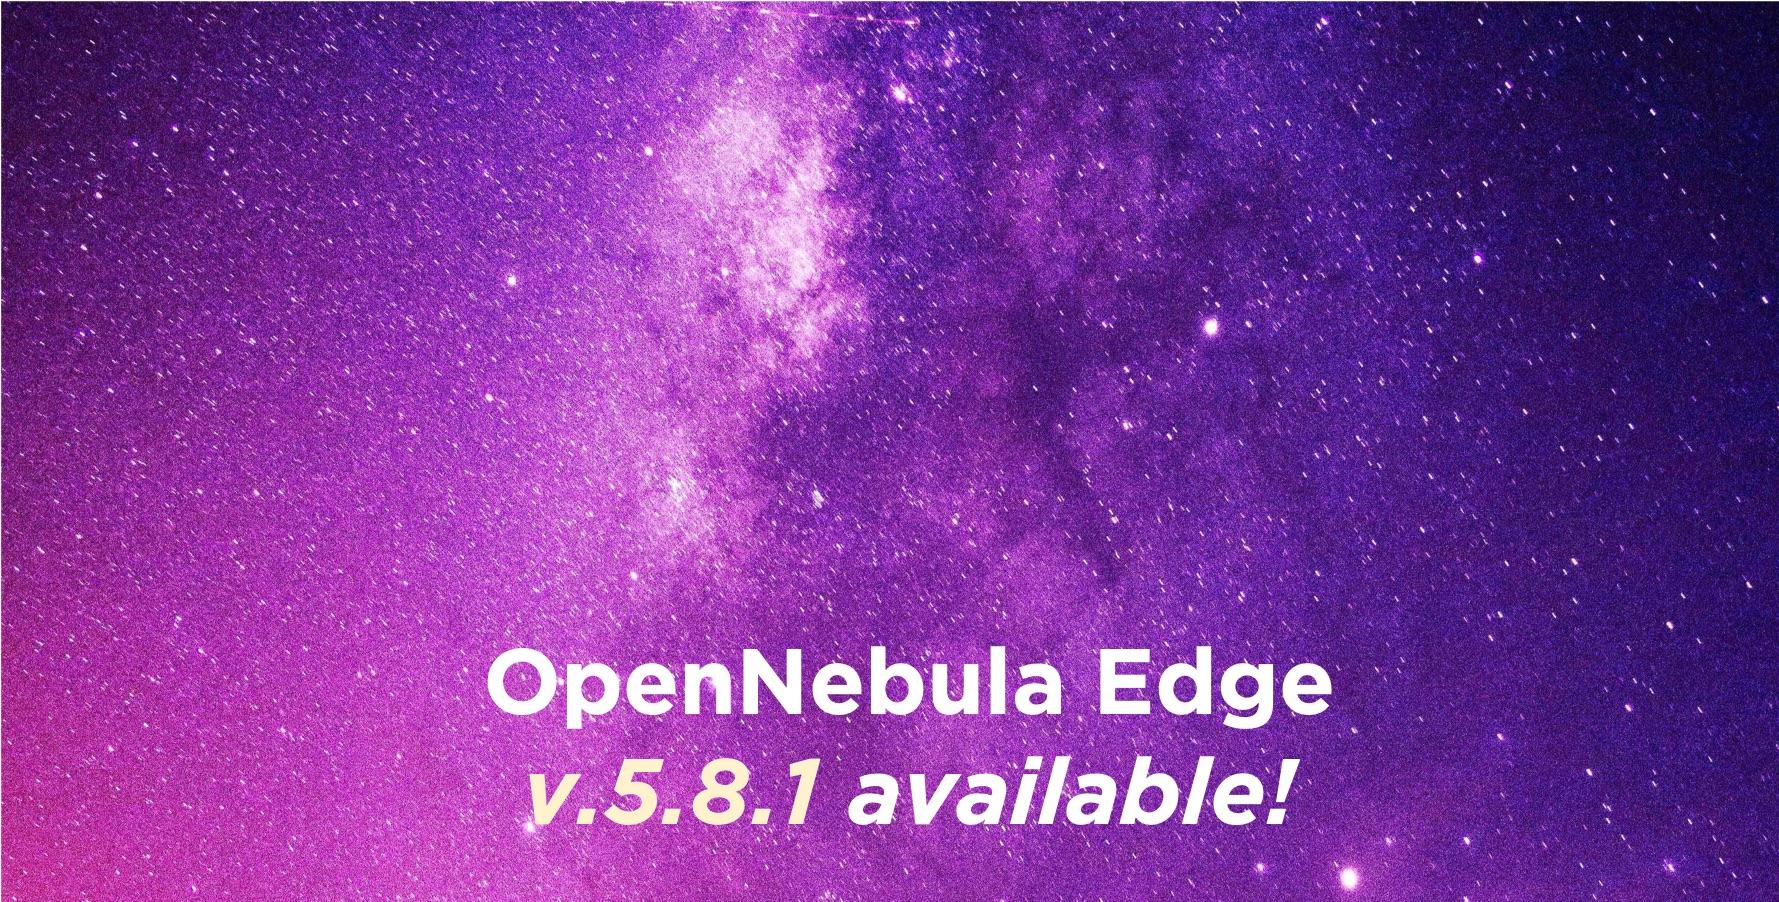 v.5.8.1.release